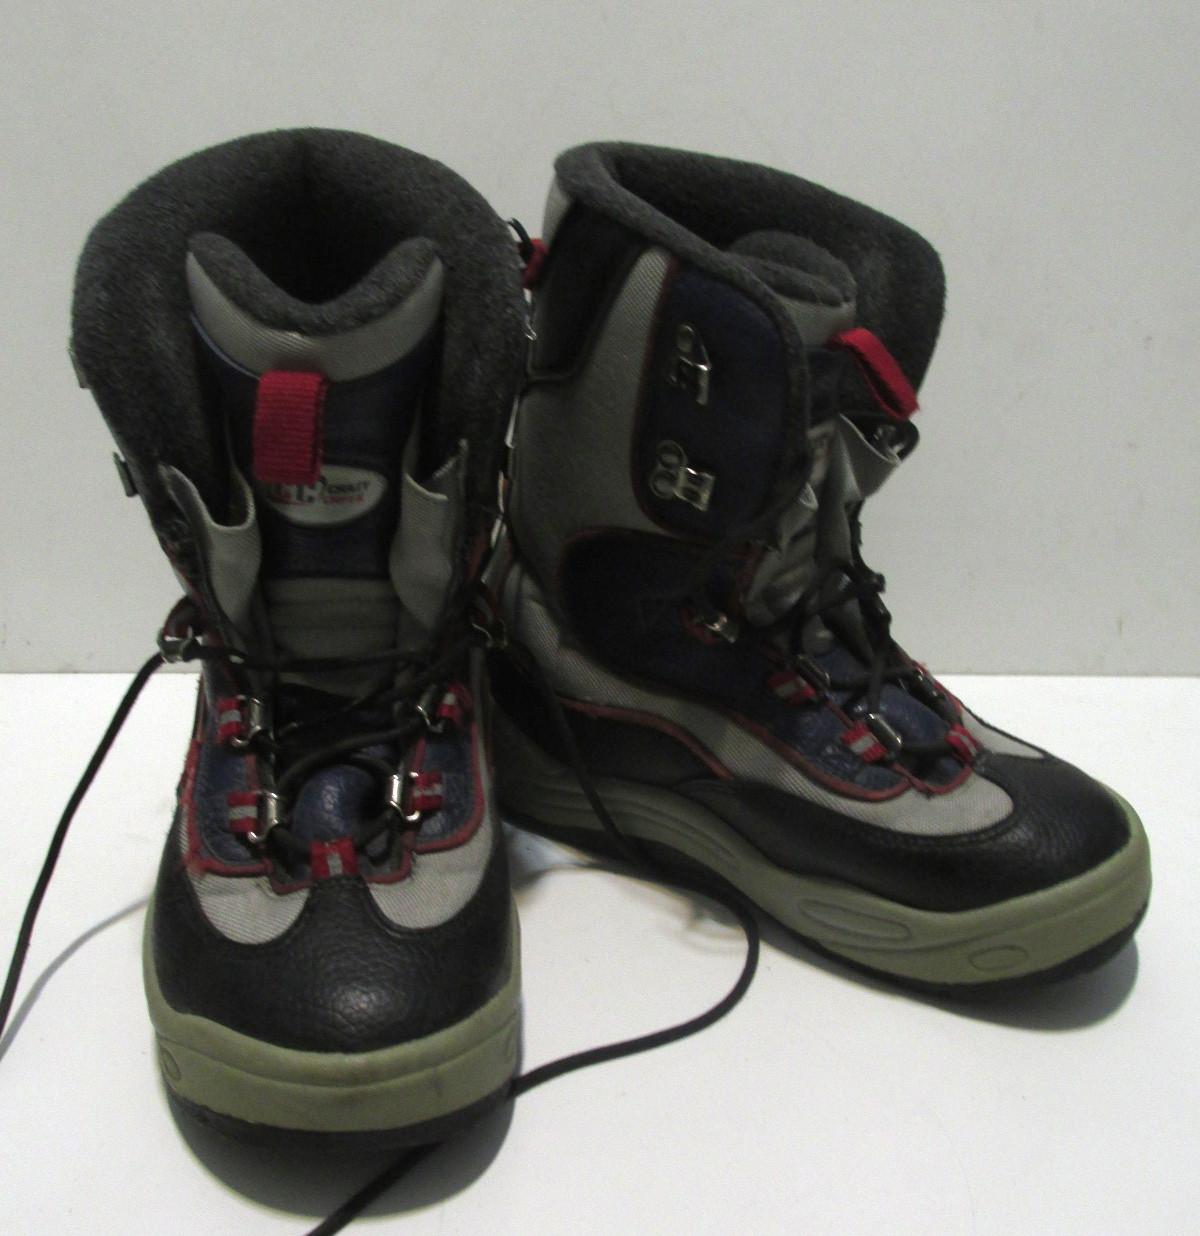 Ботинки для сноуборда CRAZY CREEK, 38 (24.5 см)